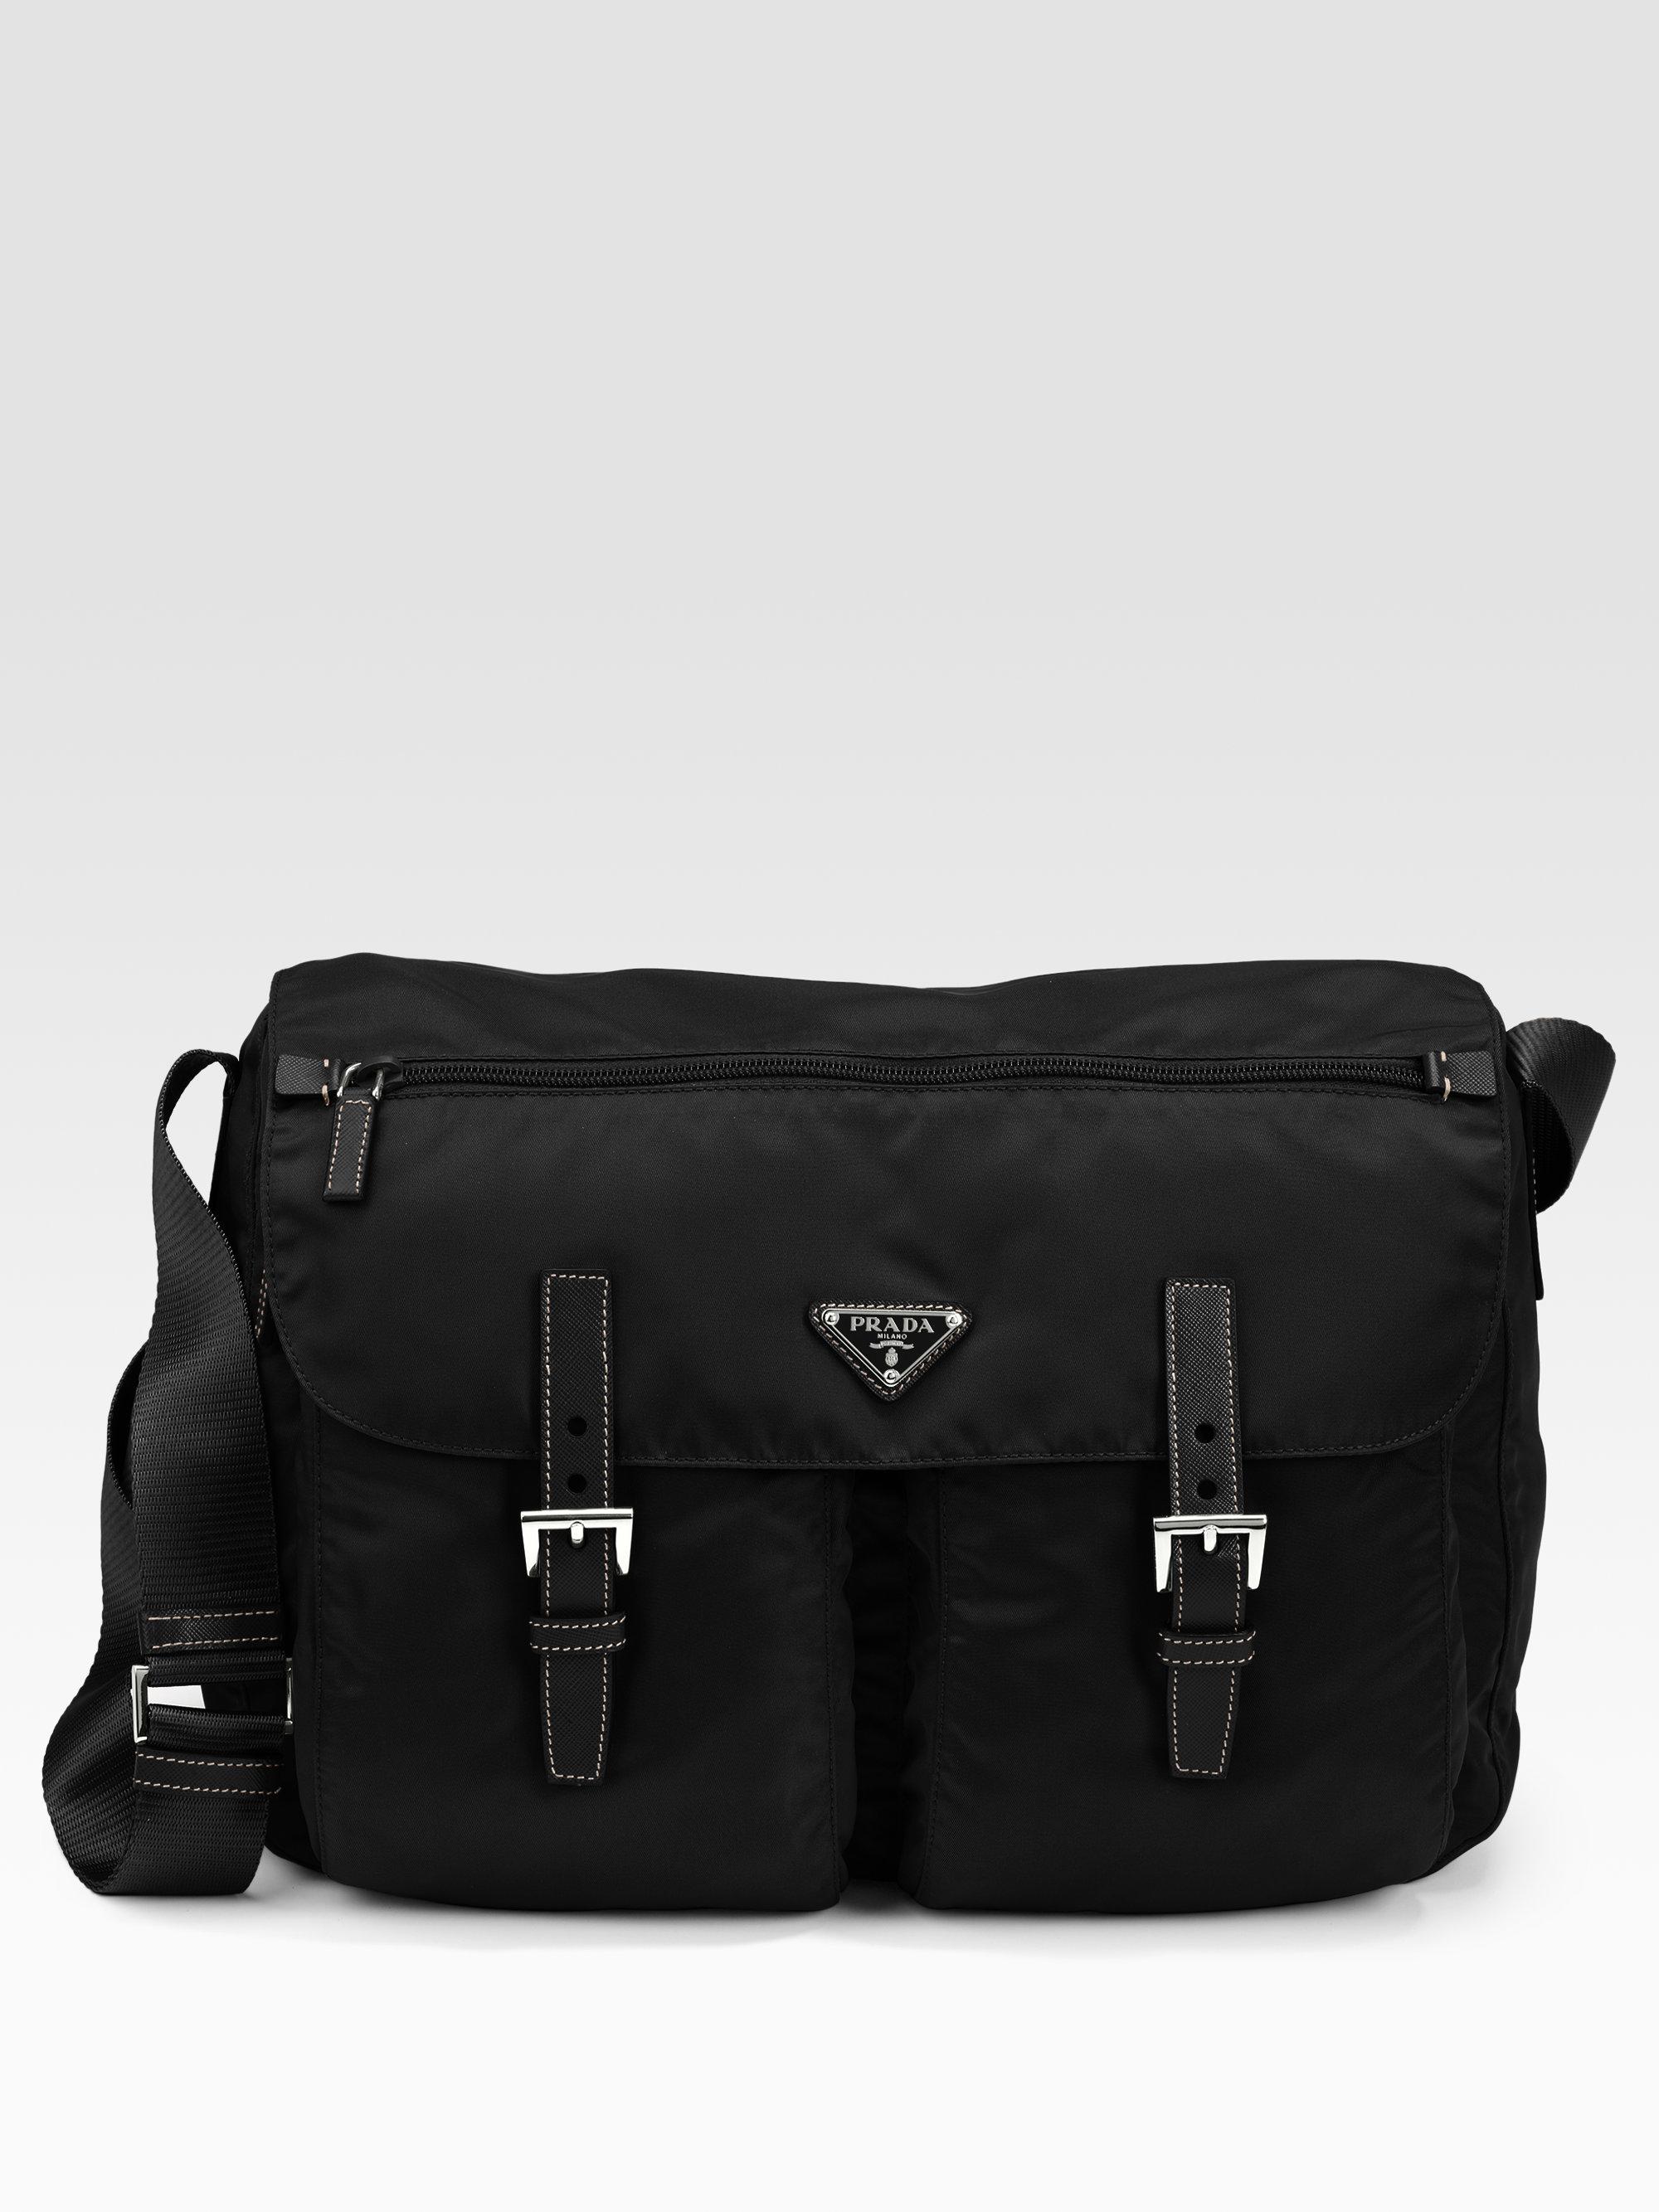 prada mini backpack - Prada Vela Two-pocket Messenger Bag in Black for Men | Lyst